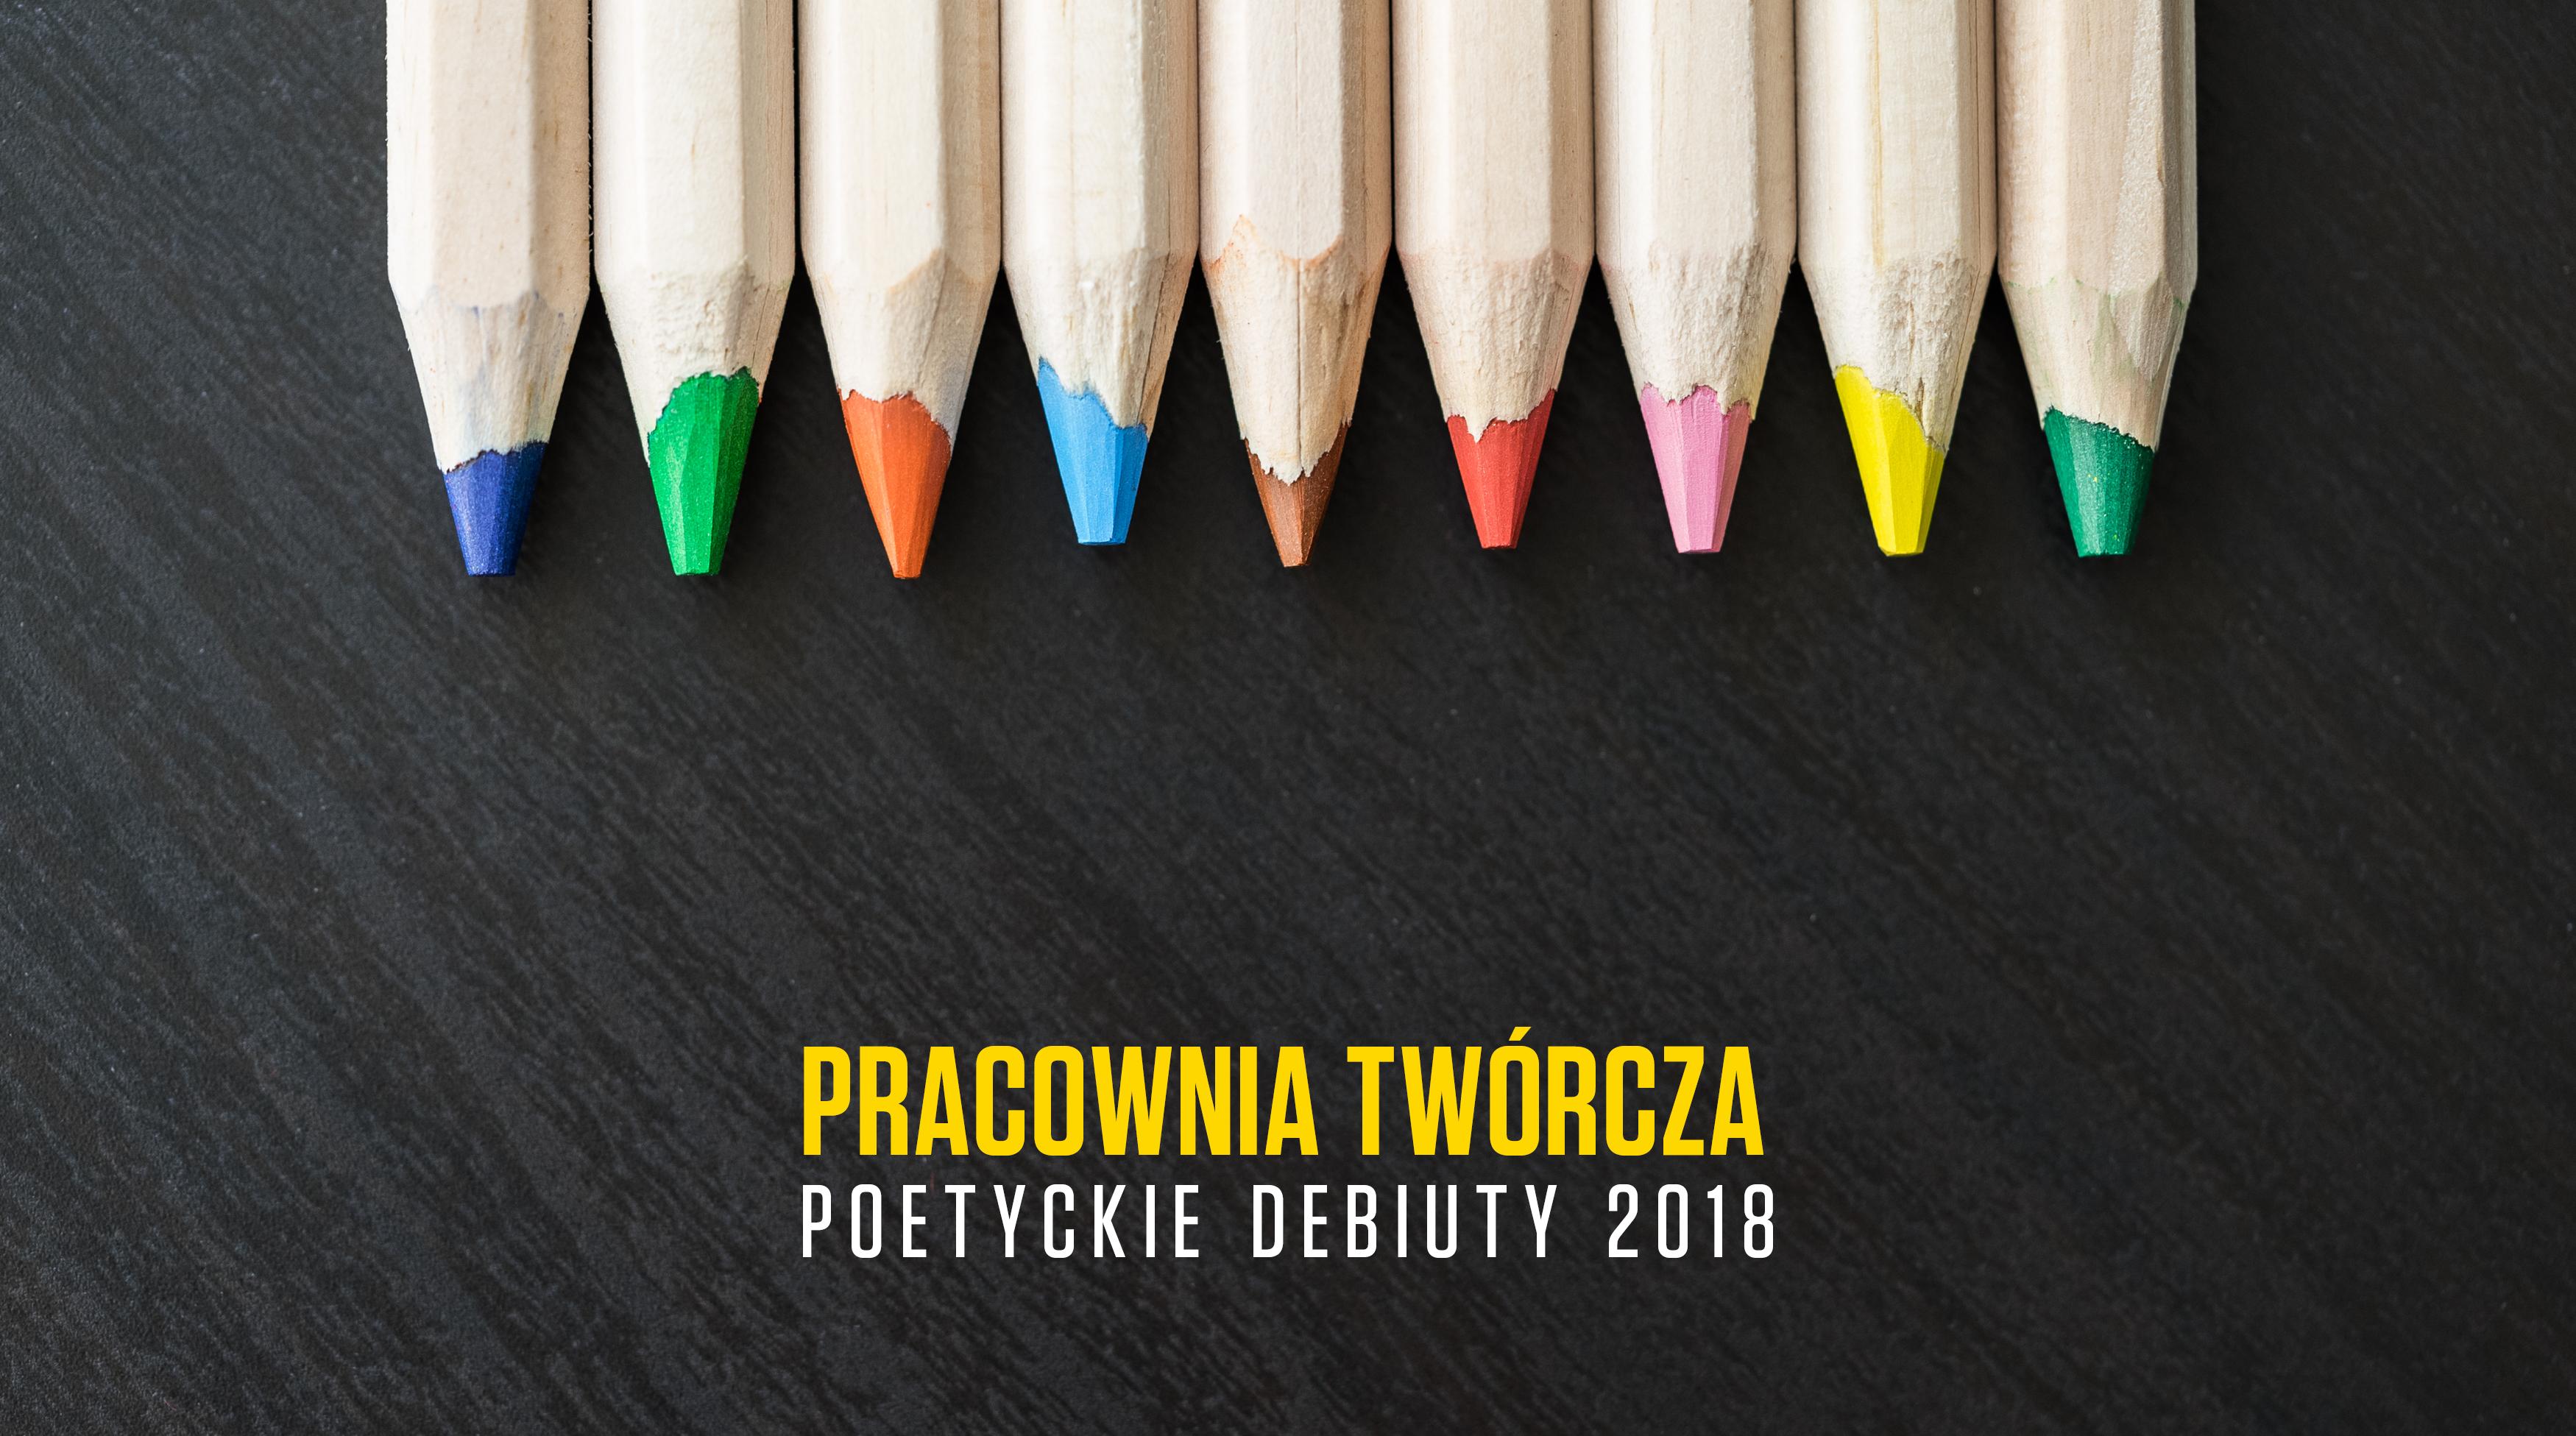 Stacja_Literatura_23__Pracownia_Tworcza__top